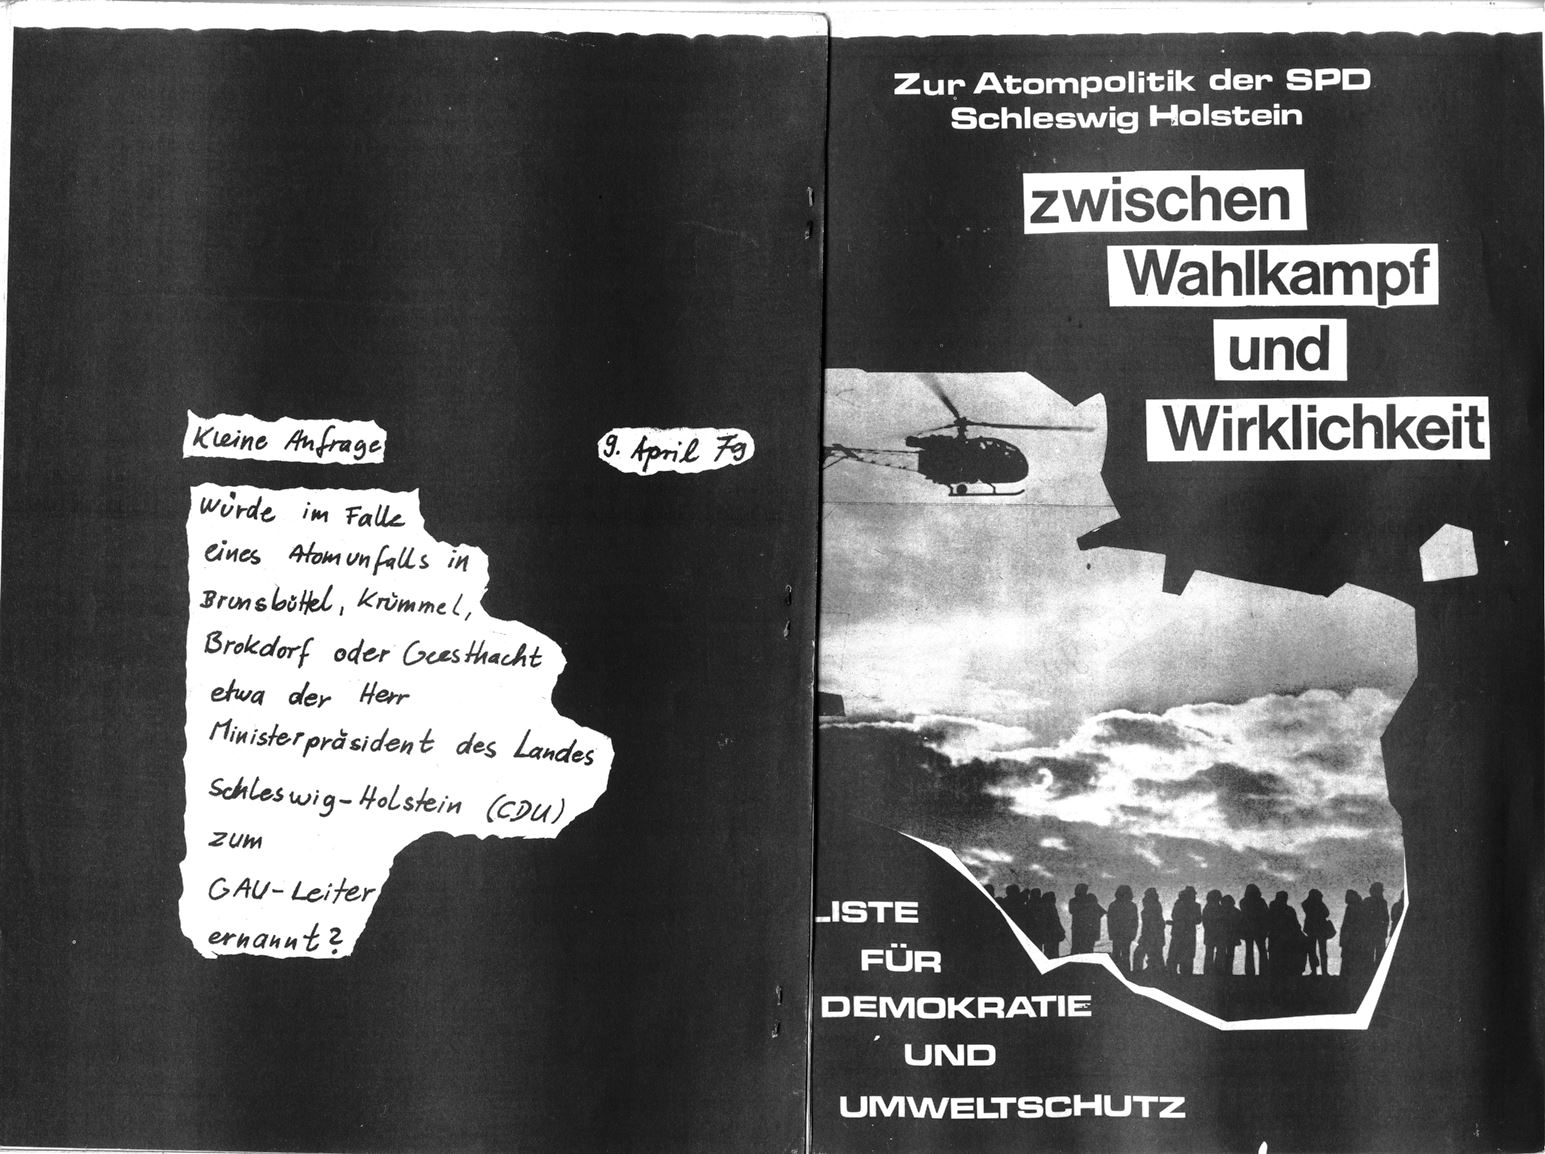 Schleswig_Holstein_Atompolitik_der_SPD_01